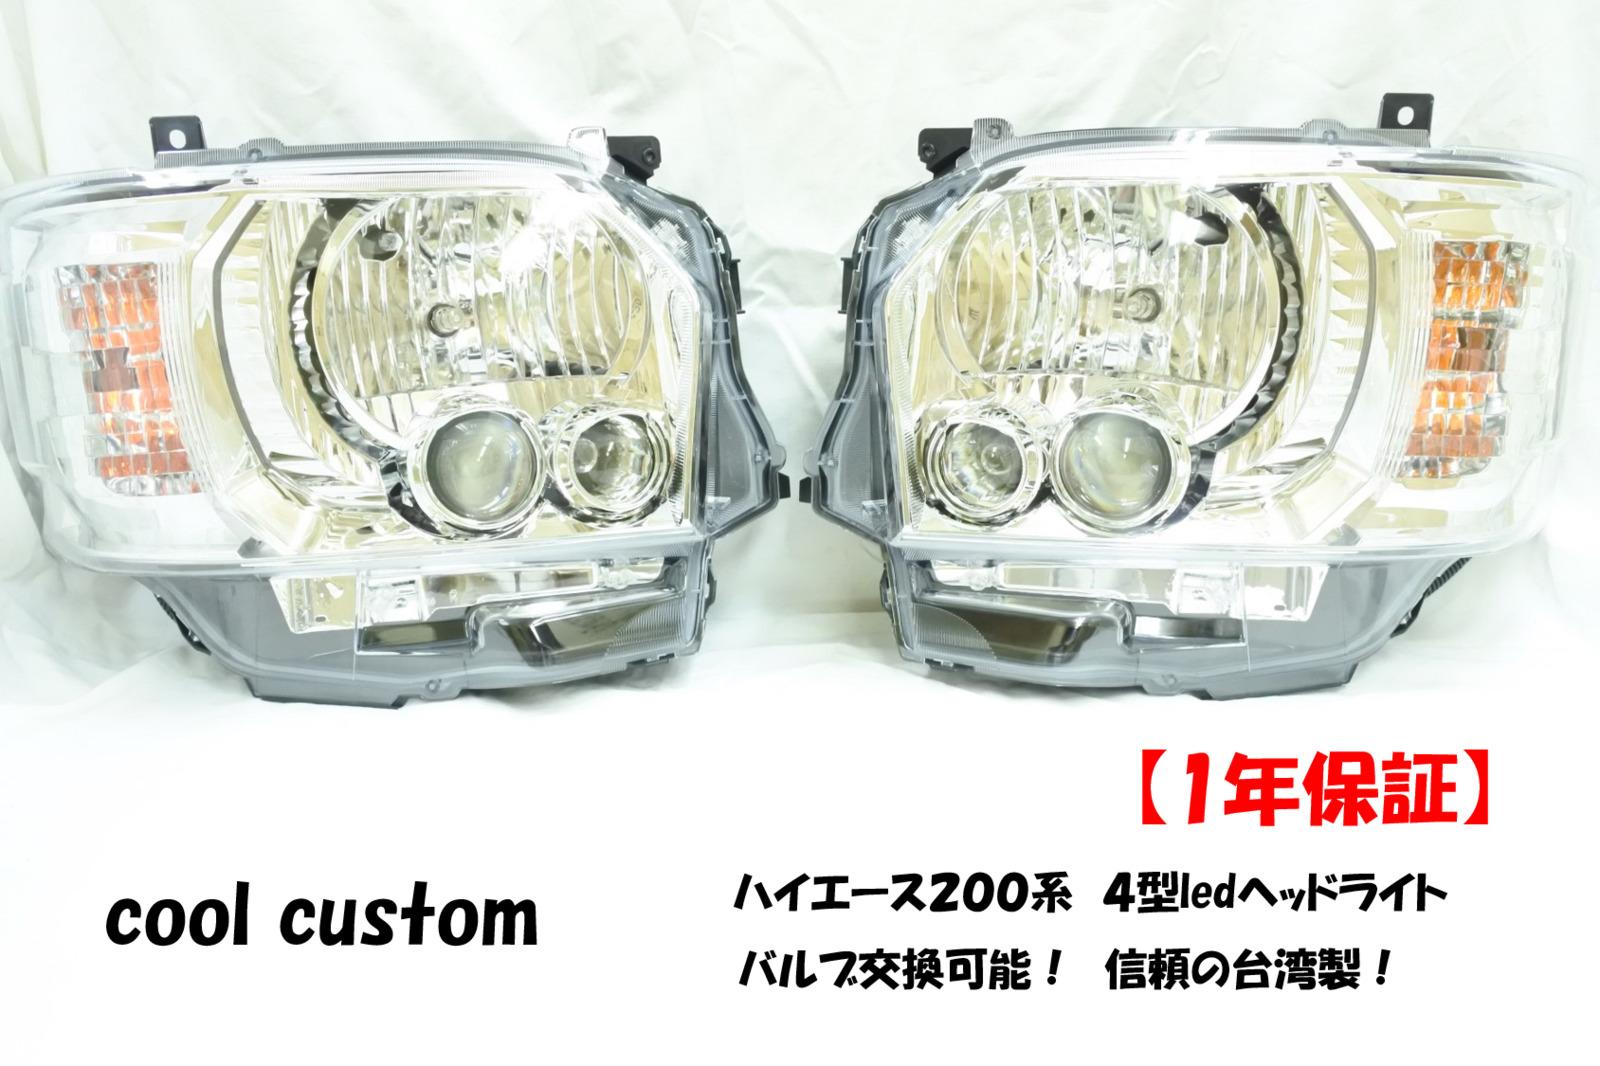 メーカー名 SoulMates商品番号 GTH-004200系ハイエース1,2,3型を4型【4型ledヘッドライト】純正ルック LOビーム:H1ハロゲン + T10・HIビーム:HB3ハロゲン      スモールランプ:T10・ウィンカー:WY21W・シルバータイプ